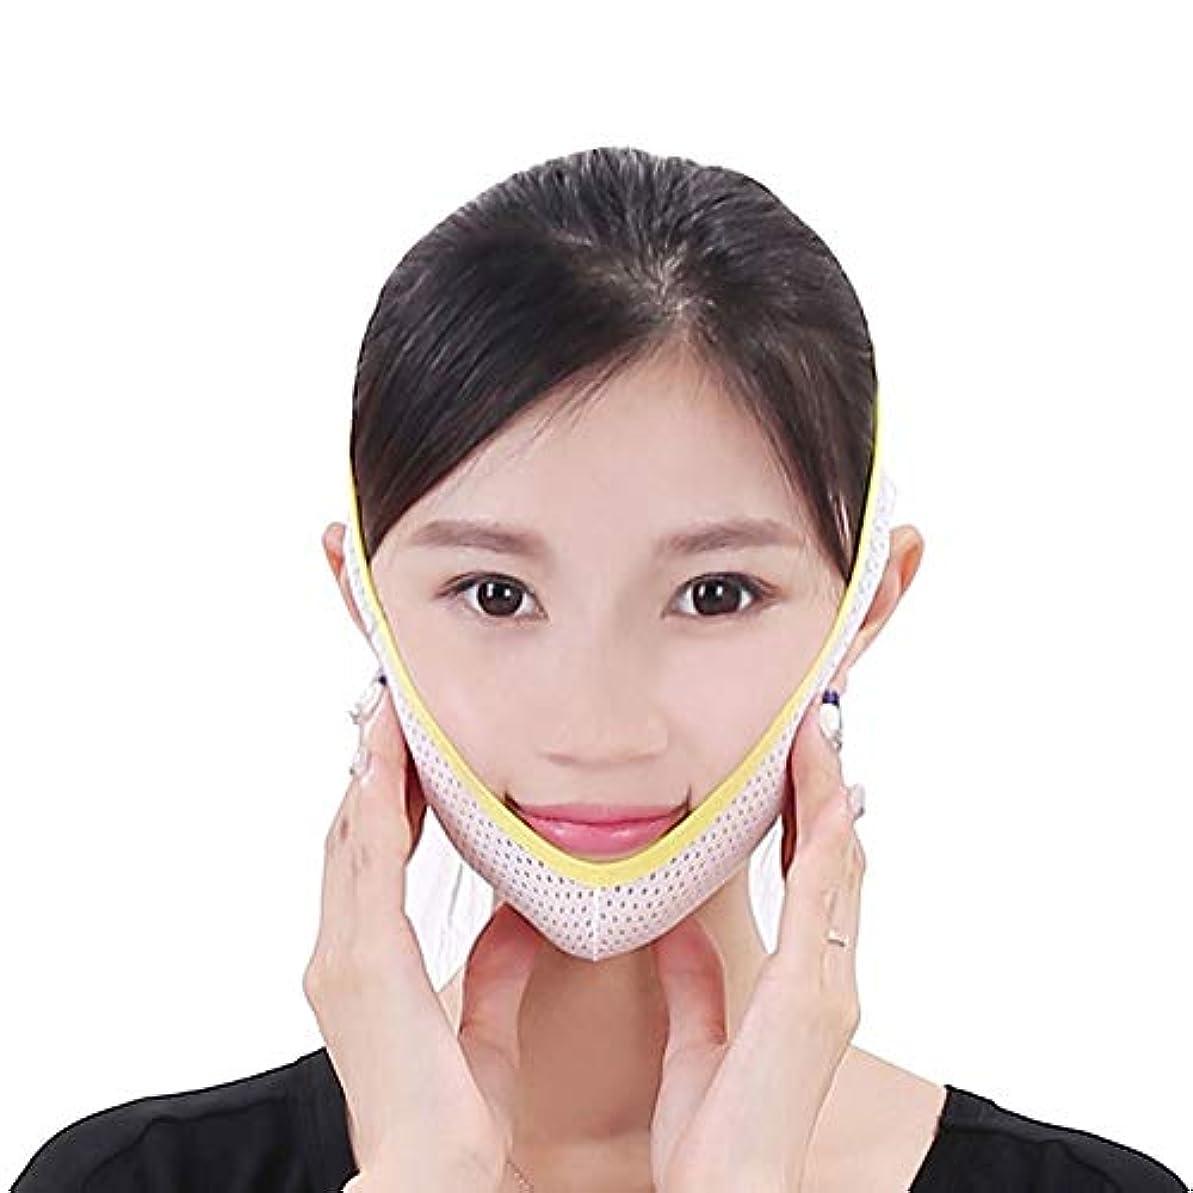 キャンパス刻む保険をかけるGYZ フェイスリフティングマスクVフェイスリフティングシェーピング修正フェイスリフティング包帯ダブルチンフェイスリフトアーティファクト睡眠夏 Thin Face Belt